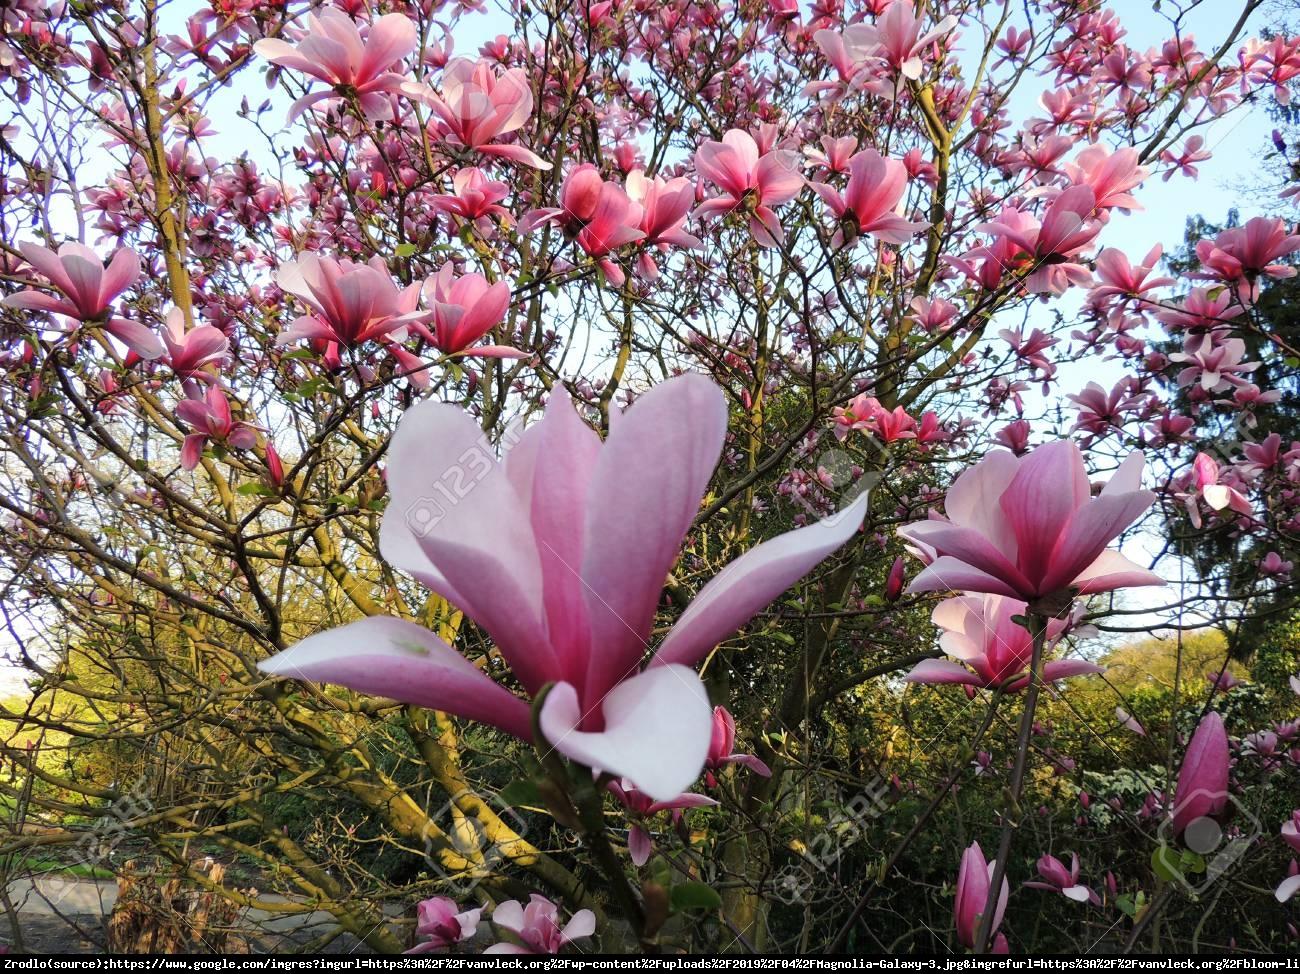 Magnolia Galaxy - Magnolia Galaxy